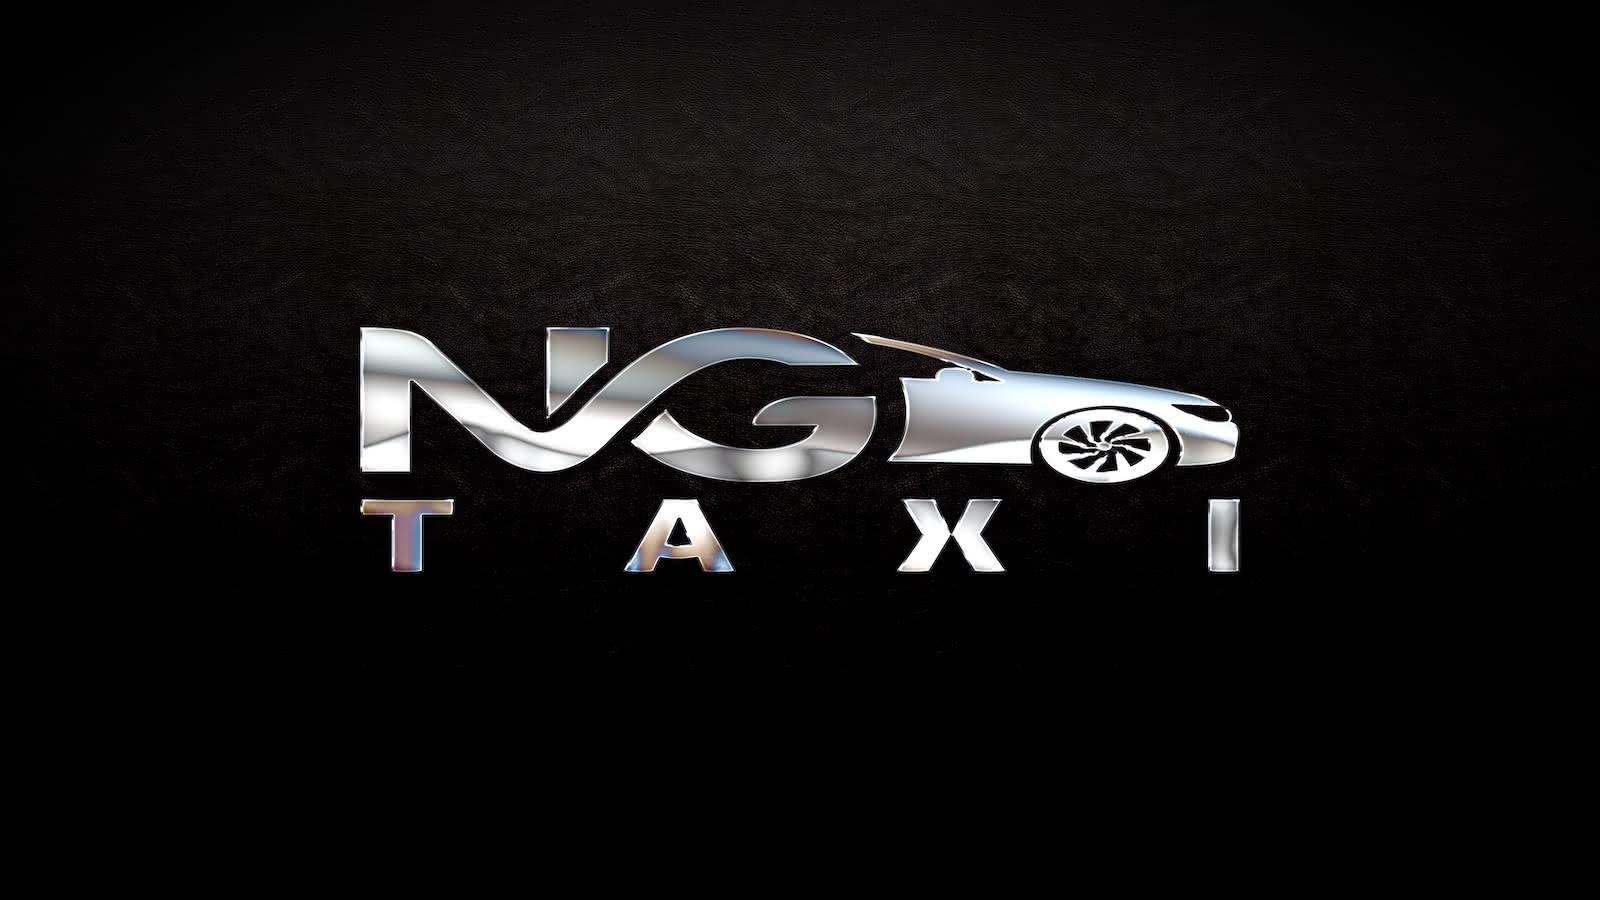 © NG Taxi